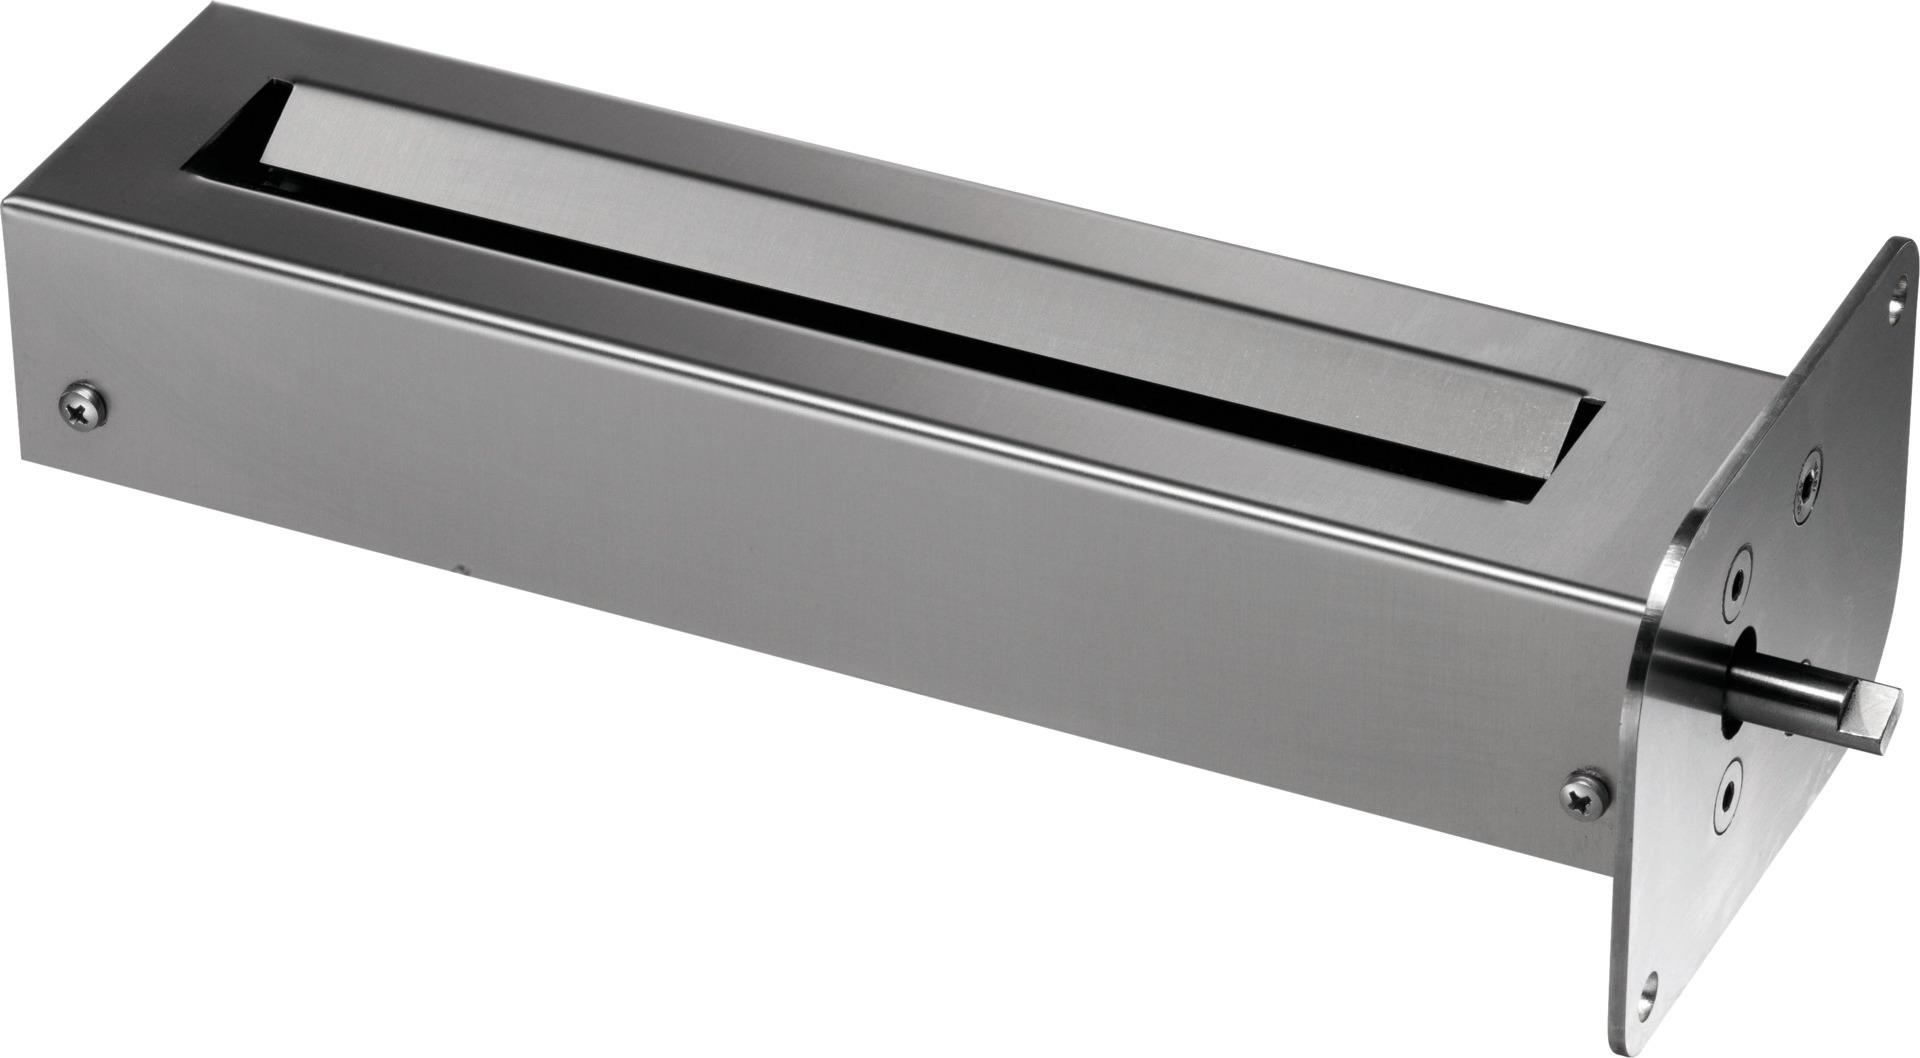 Teigschneider 4 mm für Teig-Ausrollmaschine 513015 bis 513018